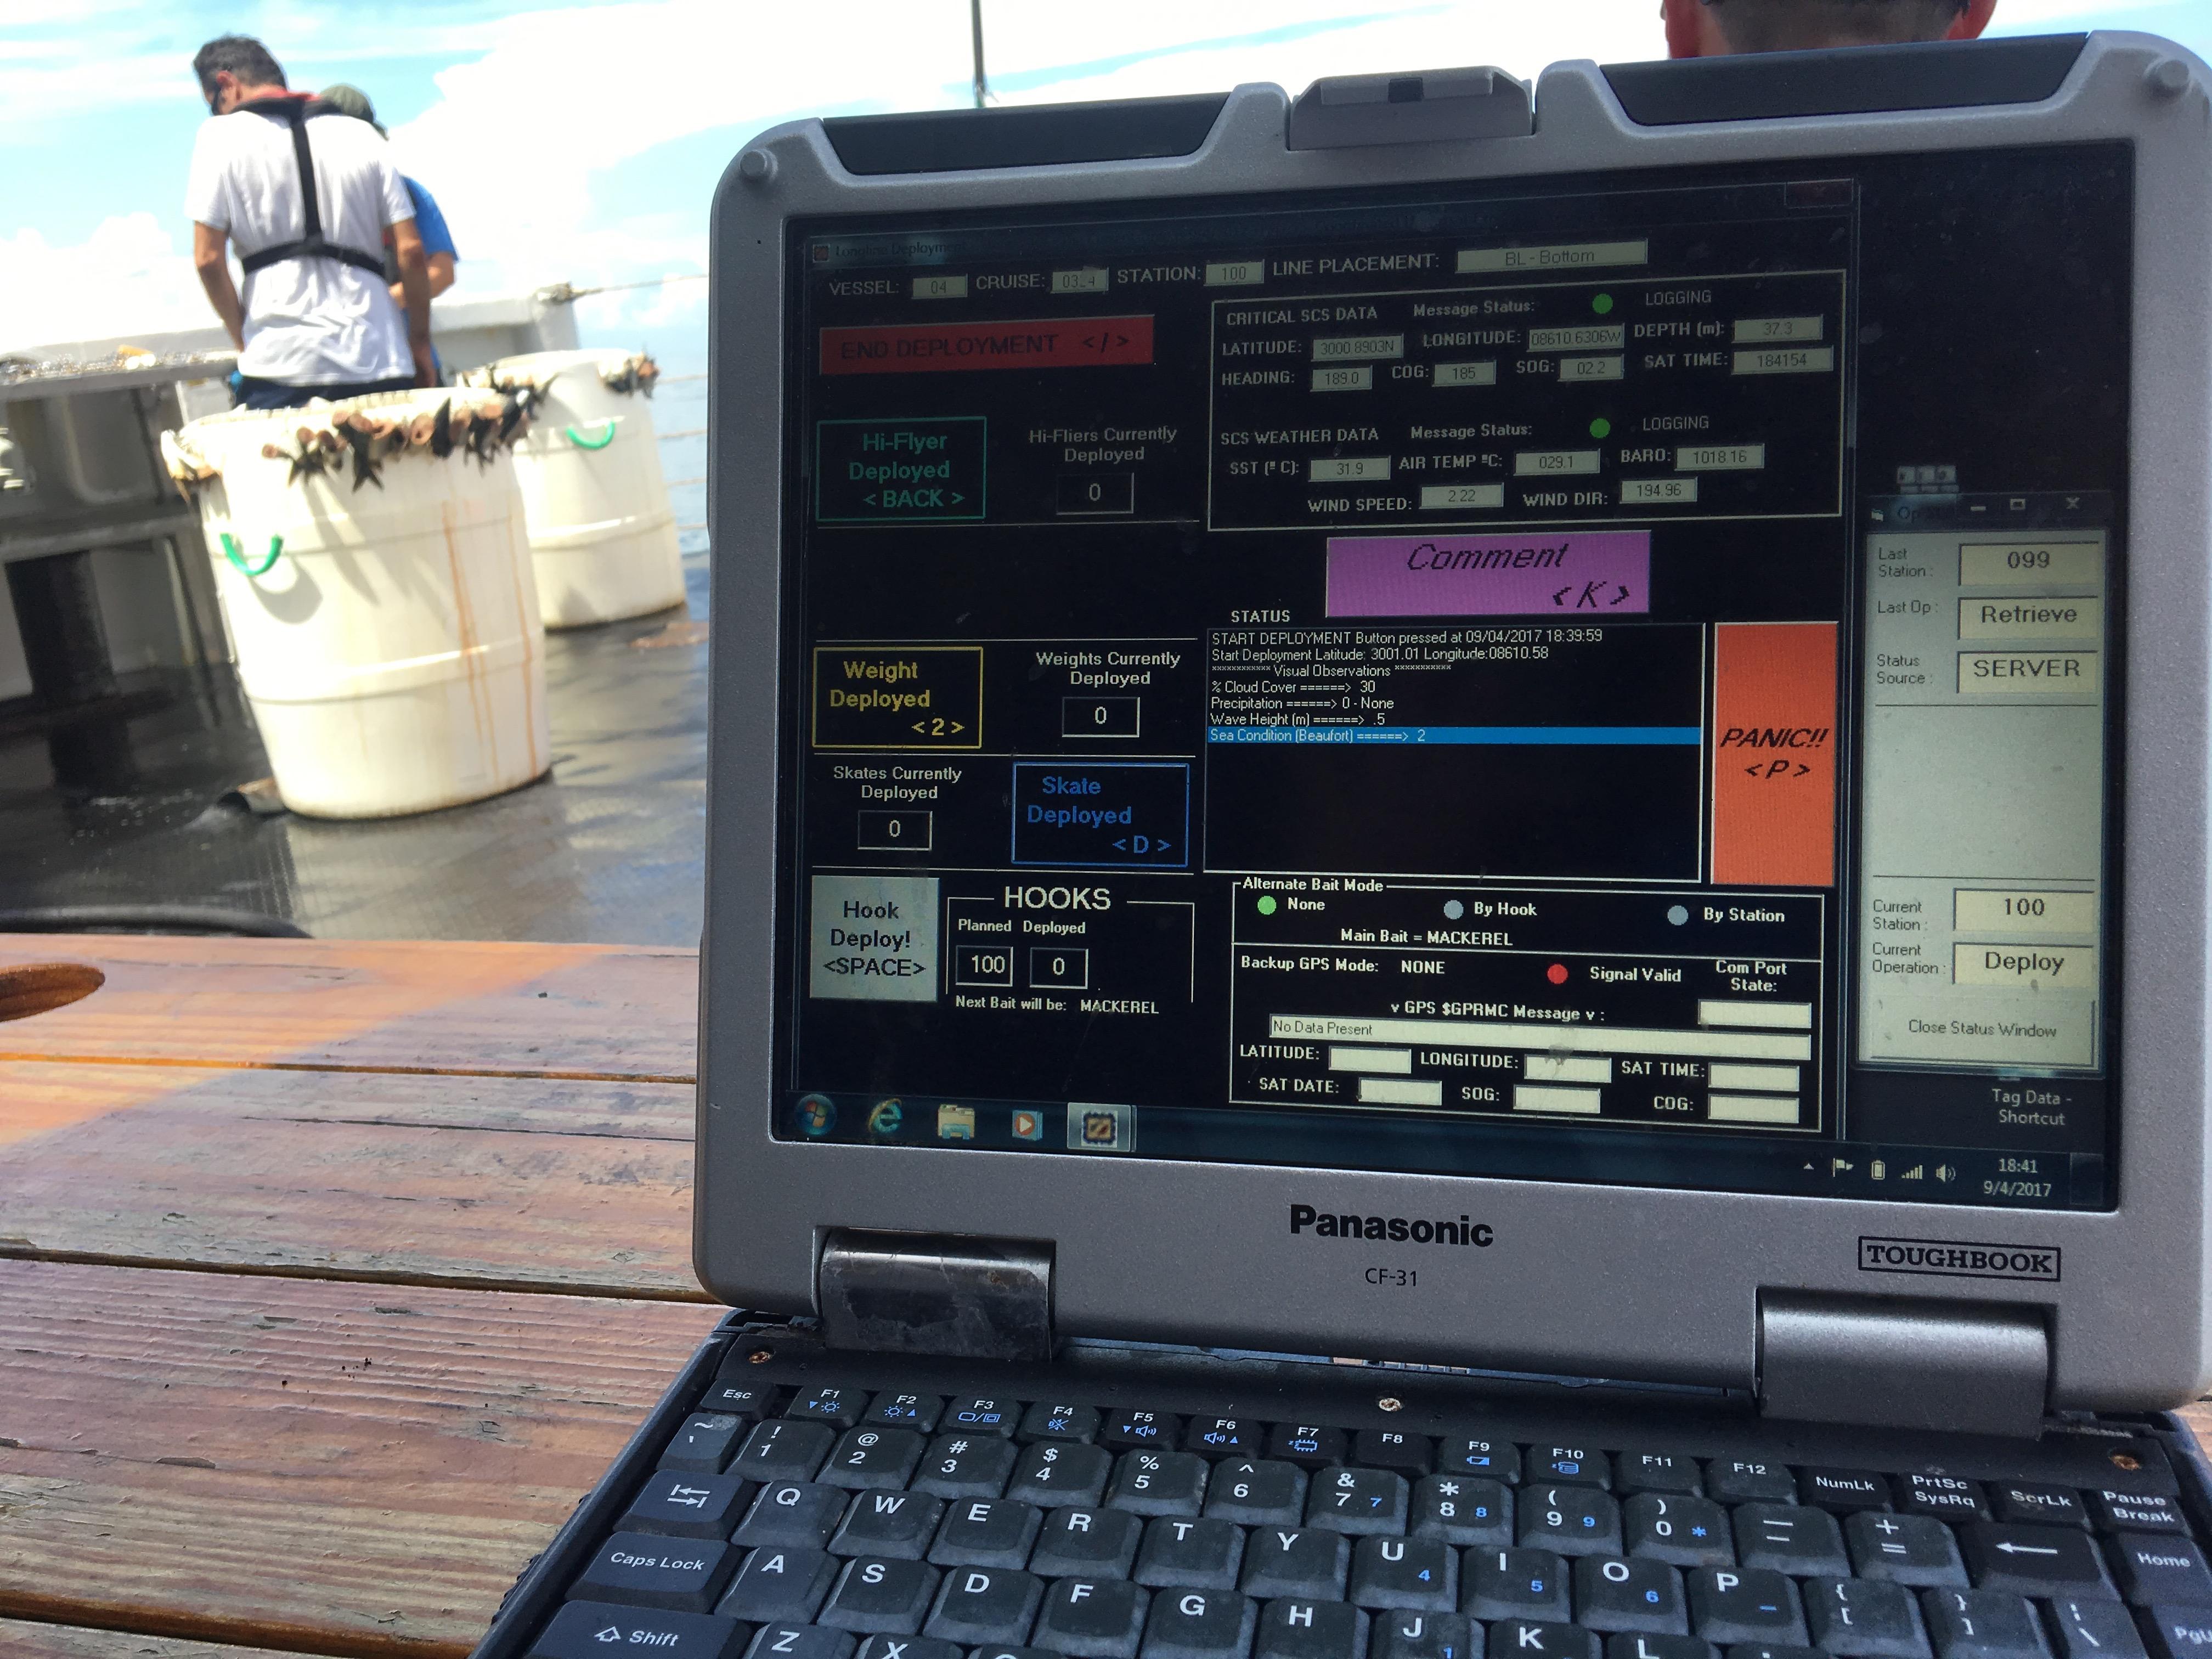 Shark Survey Noaa Teacher At Sea Blog Tas Laptop Arizona Entering Data On The Deployment Of Baited Hooks